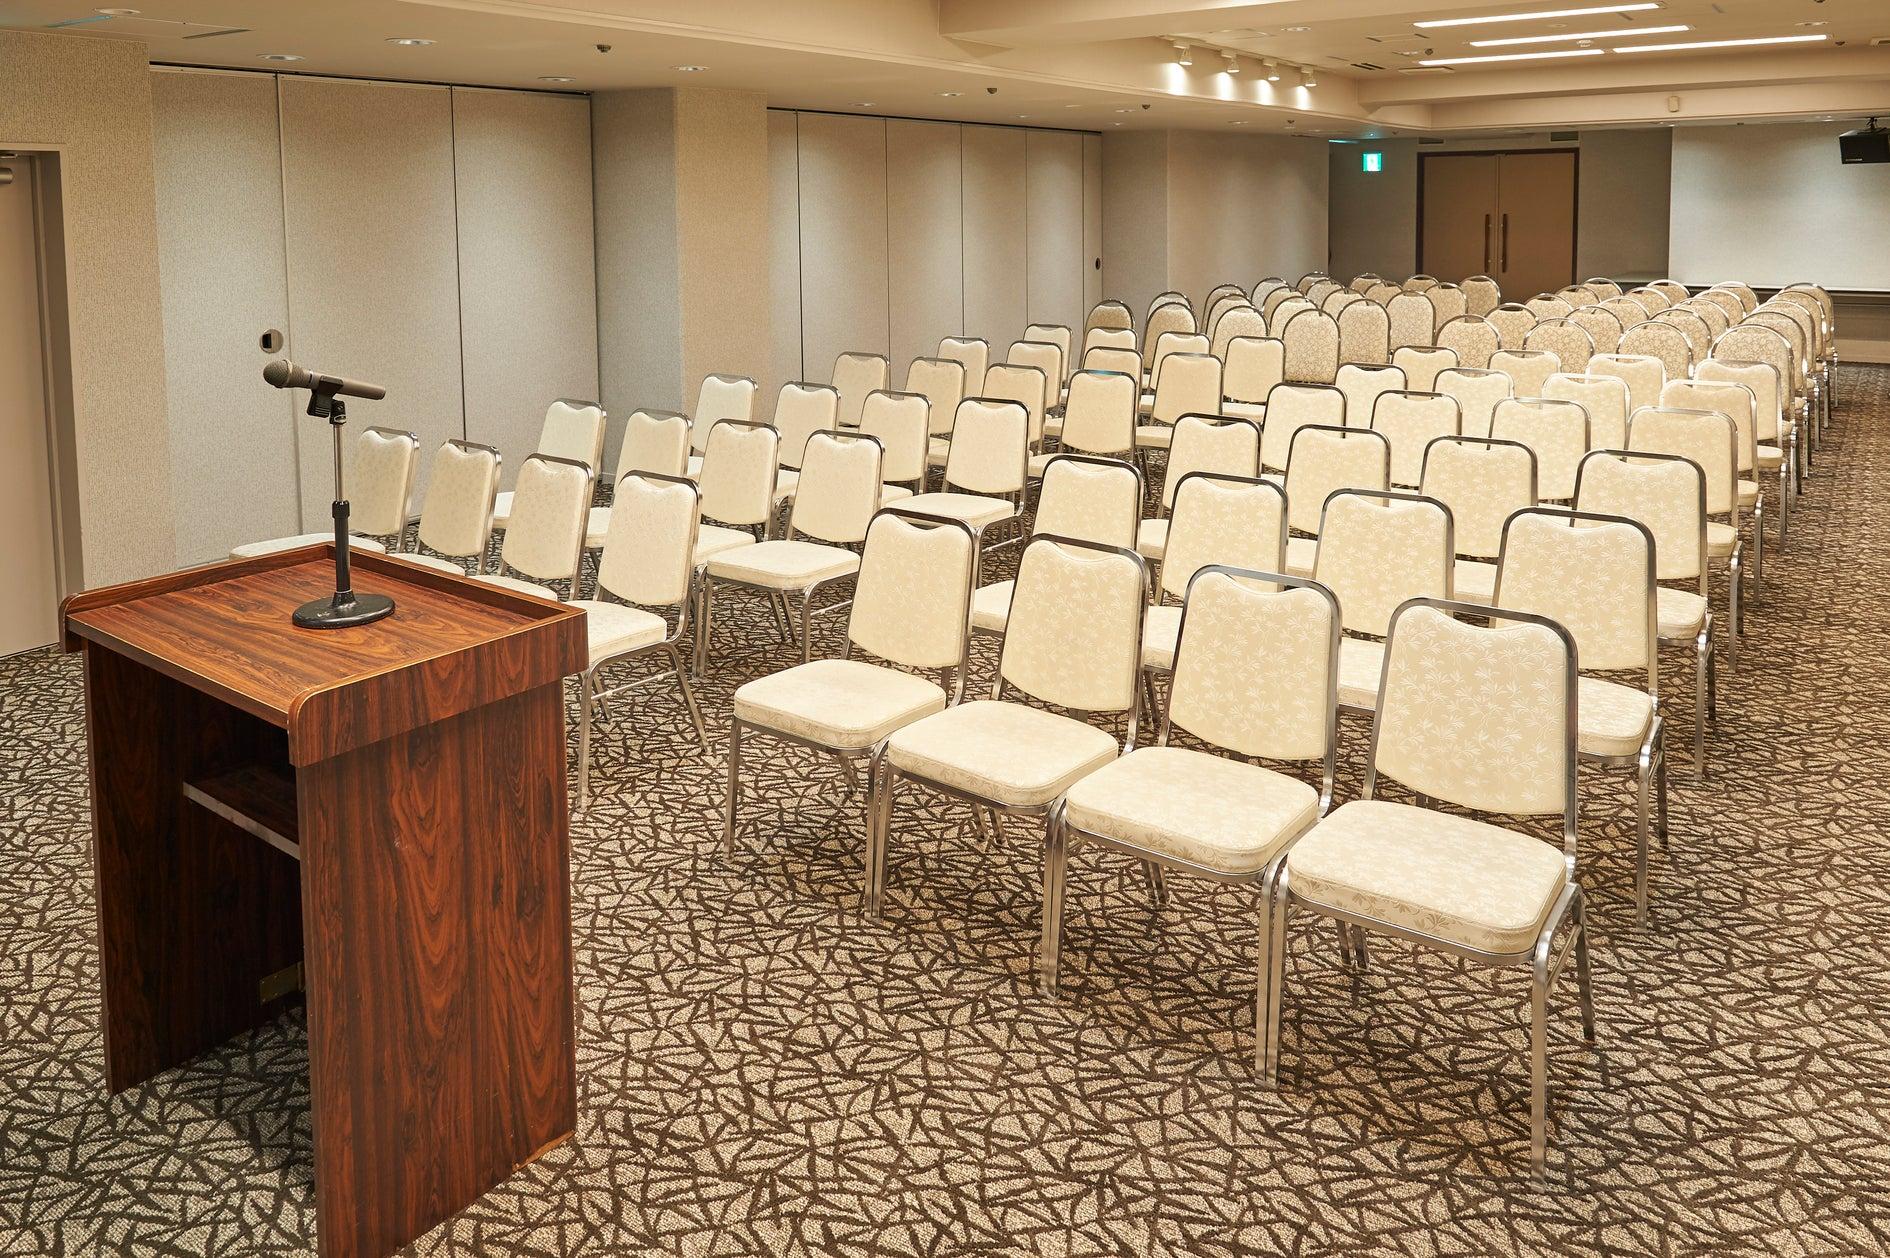 【新大阪から1駅・駅目の前】ホテルコンソルト146㎡会議室<40名~100名>低予算でワンランクUP☆☆☆(ホテルコンソルト新大阪) の写真0